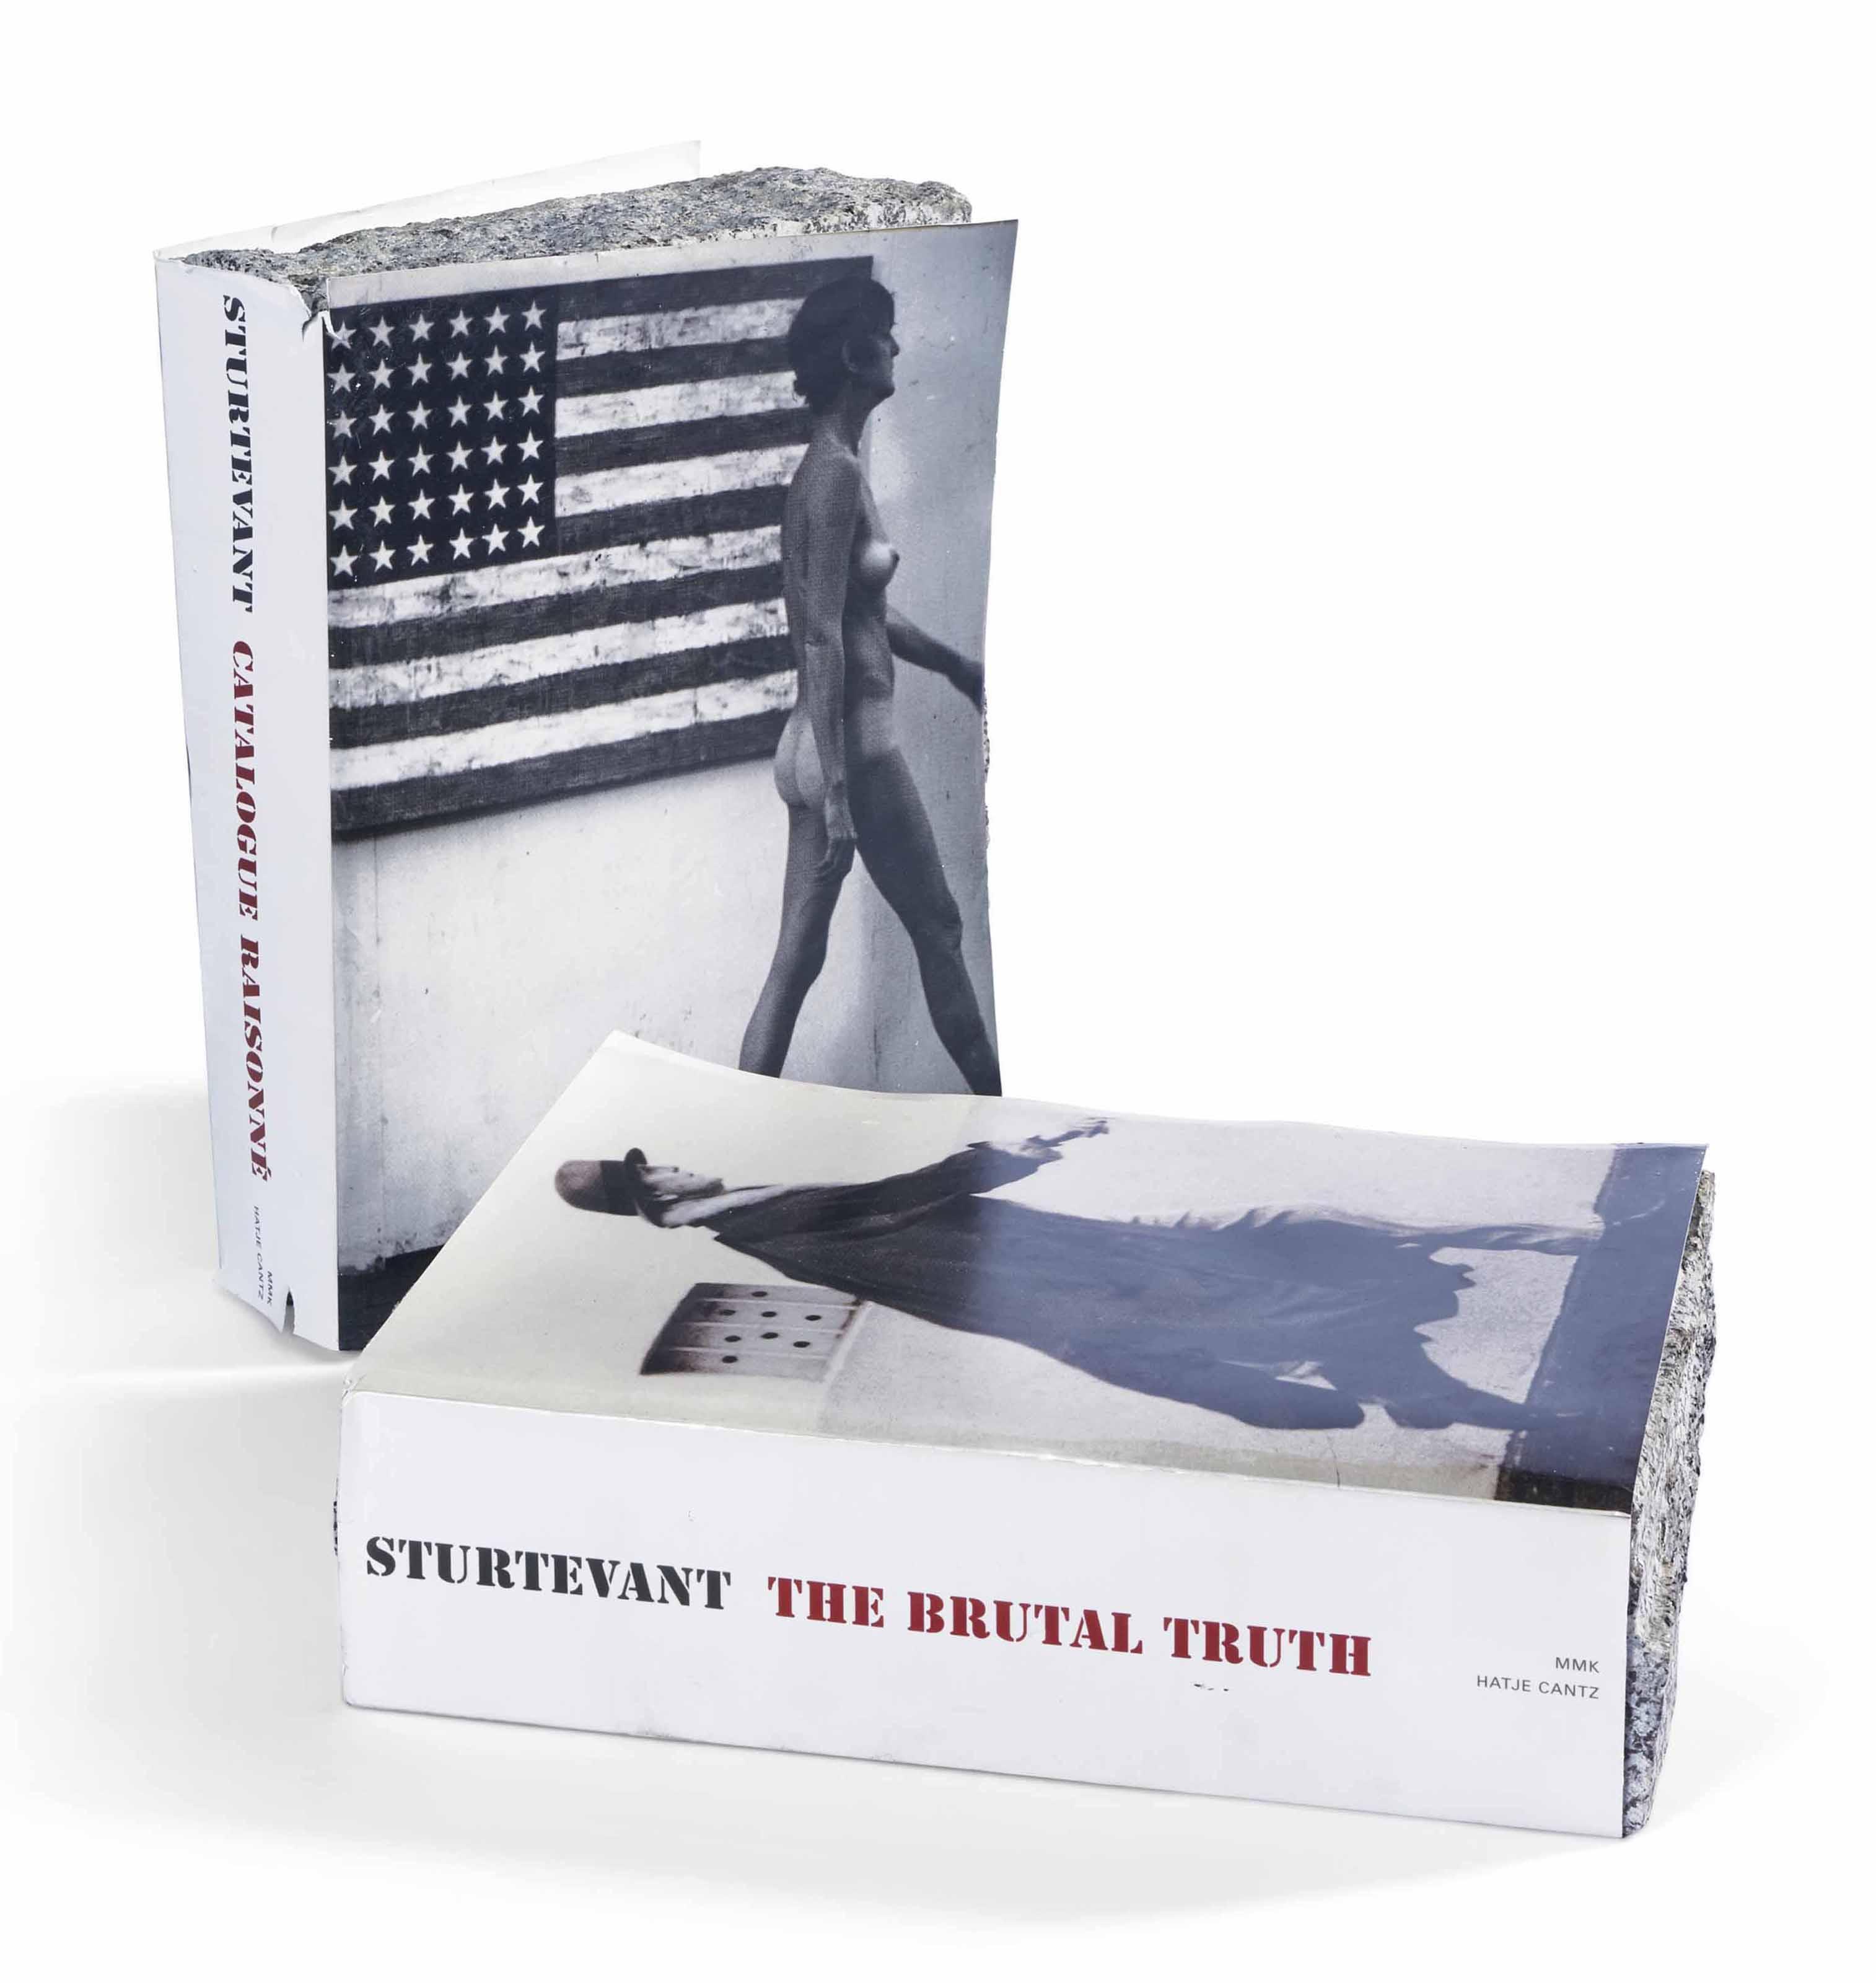 The brutal truth / Catalogue raisonné Brickbat